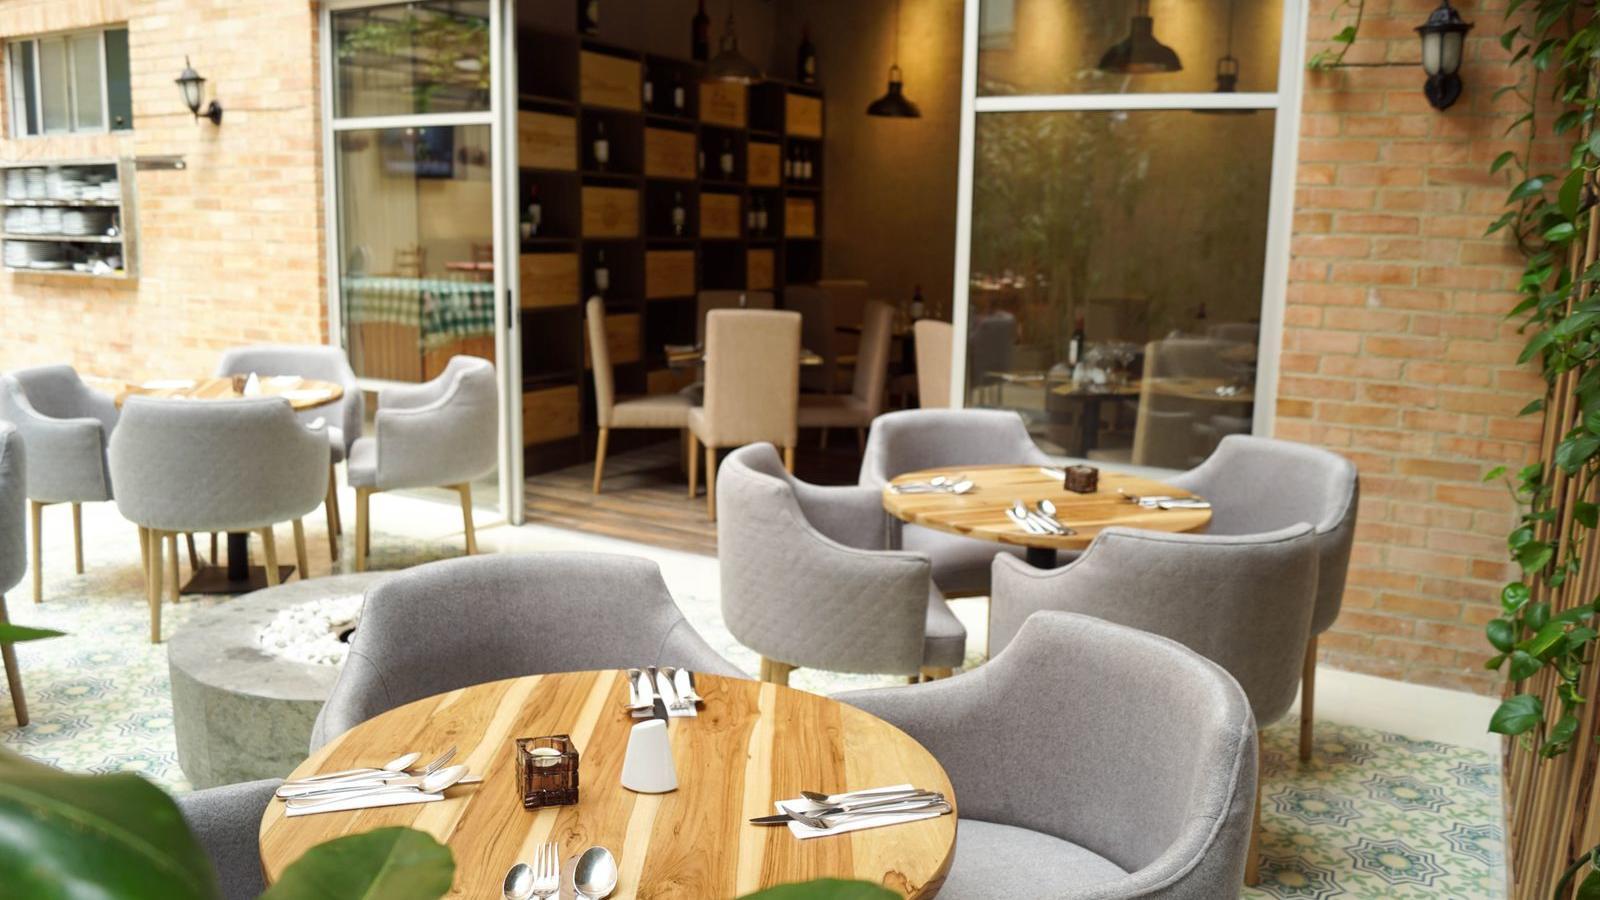 Cava Restaurante Planta Hotel Factory Green